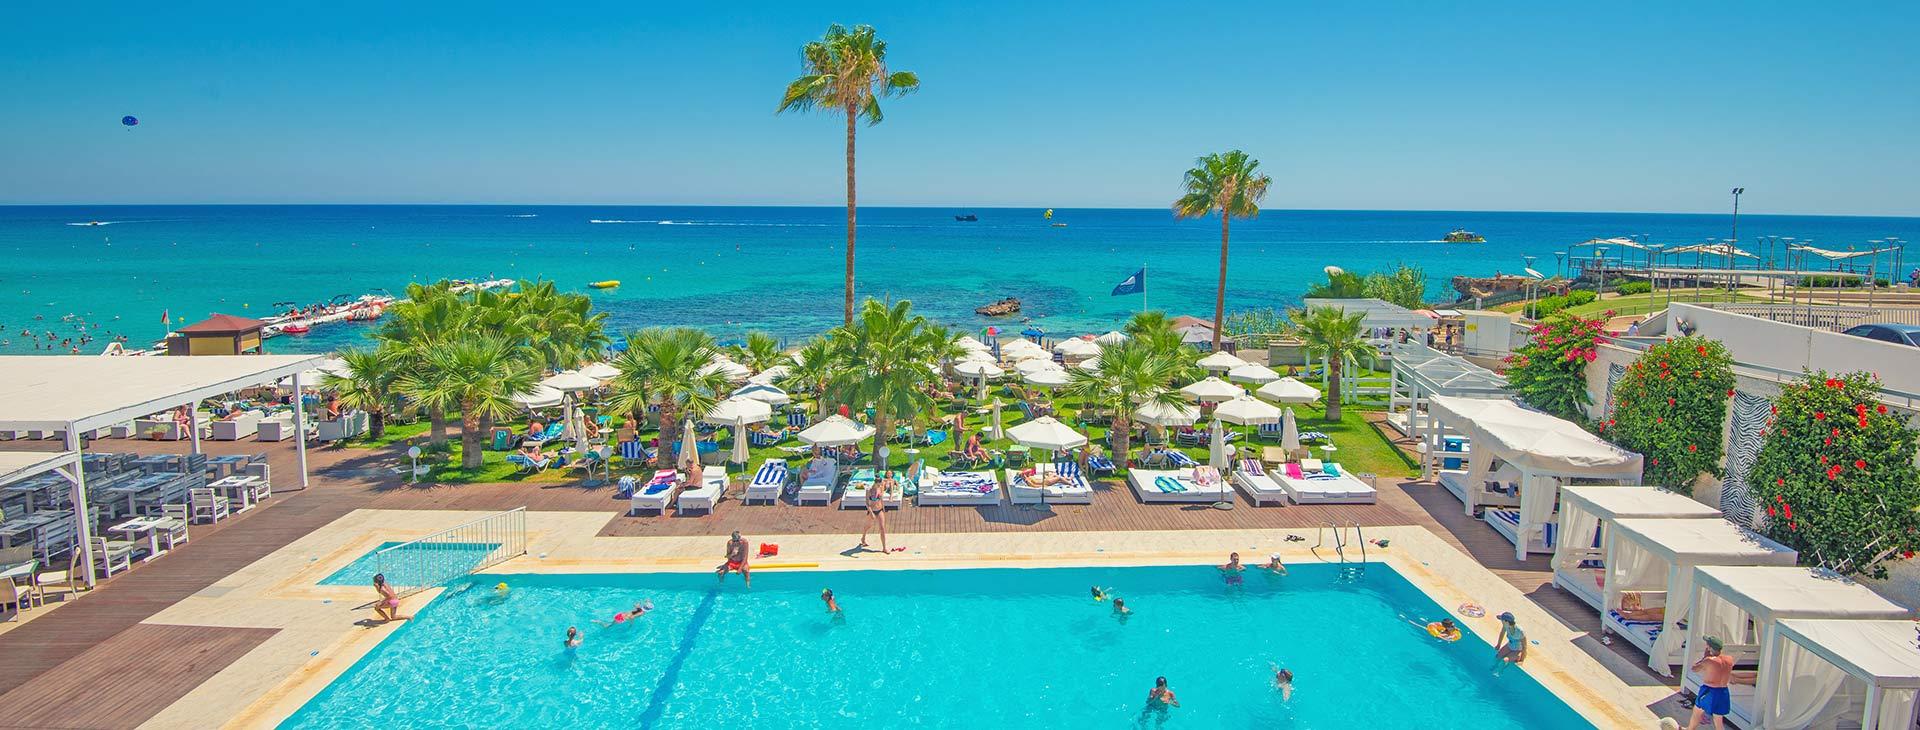 Silver Sands Beach Cypr Ayia Napa